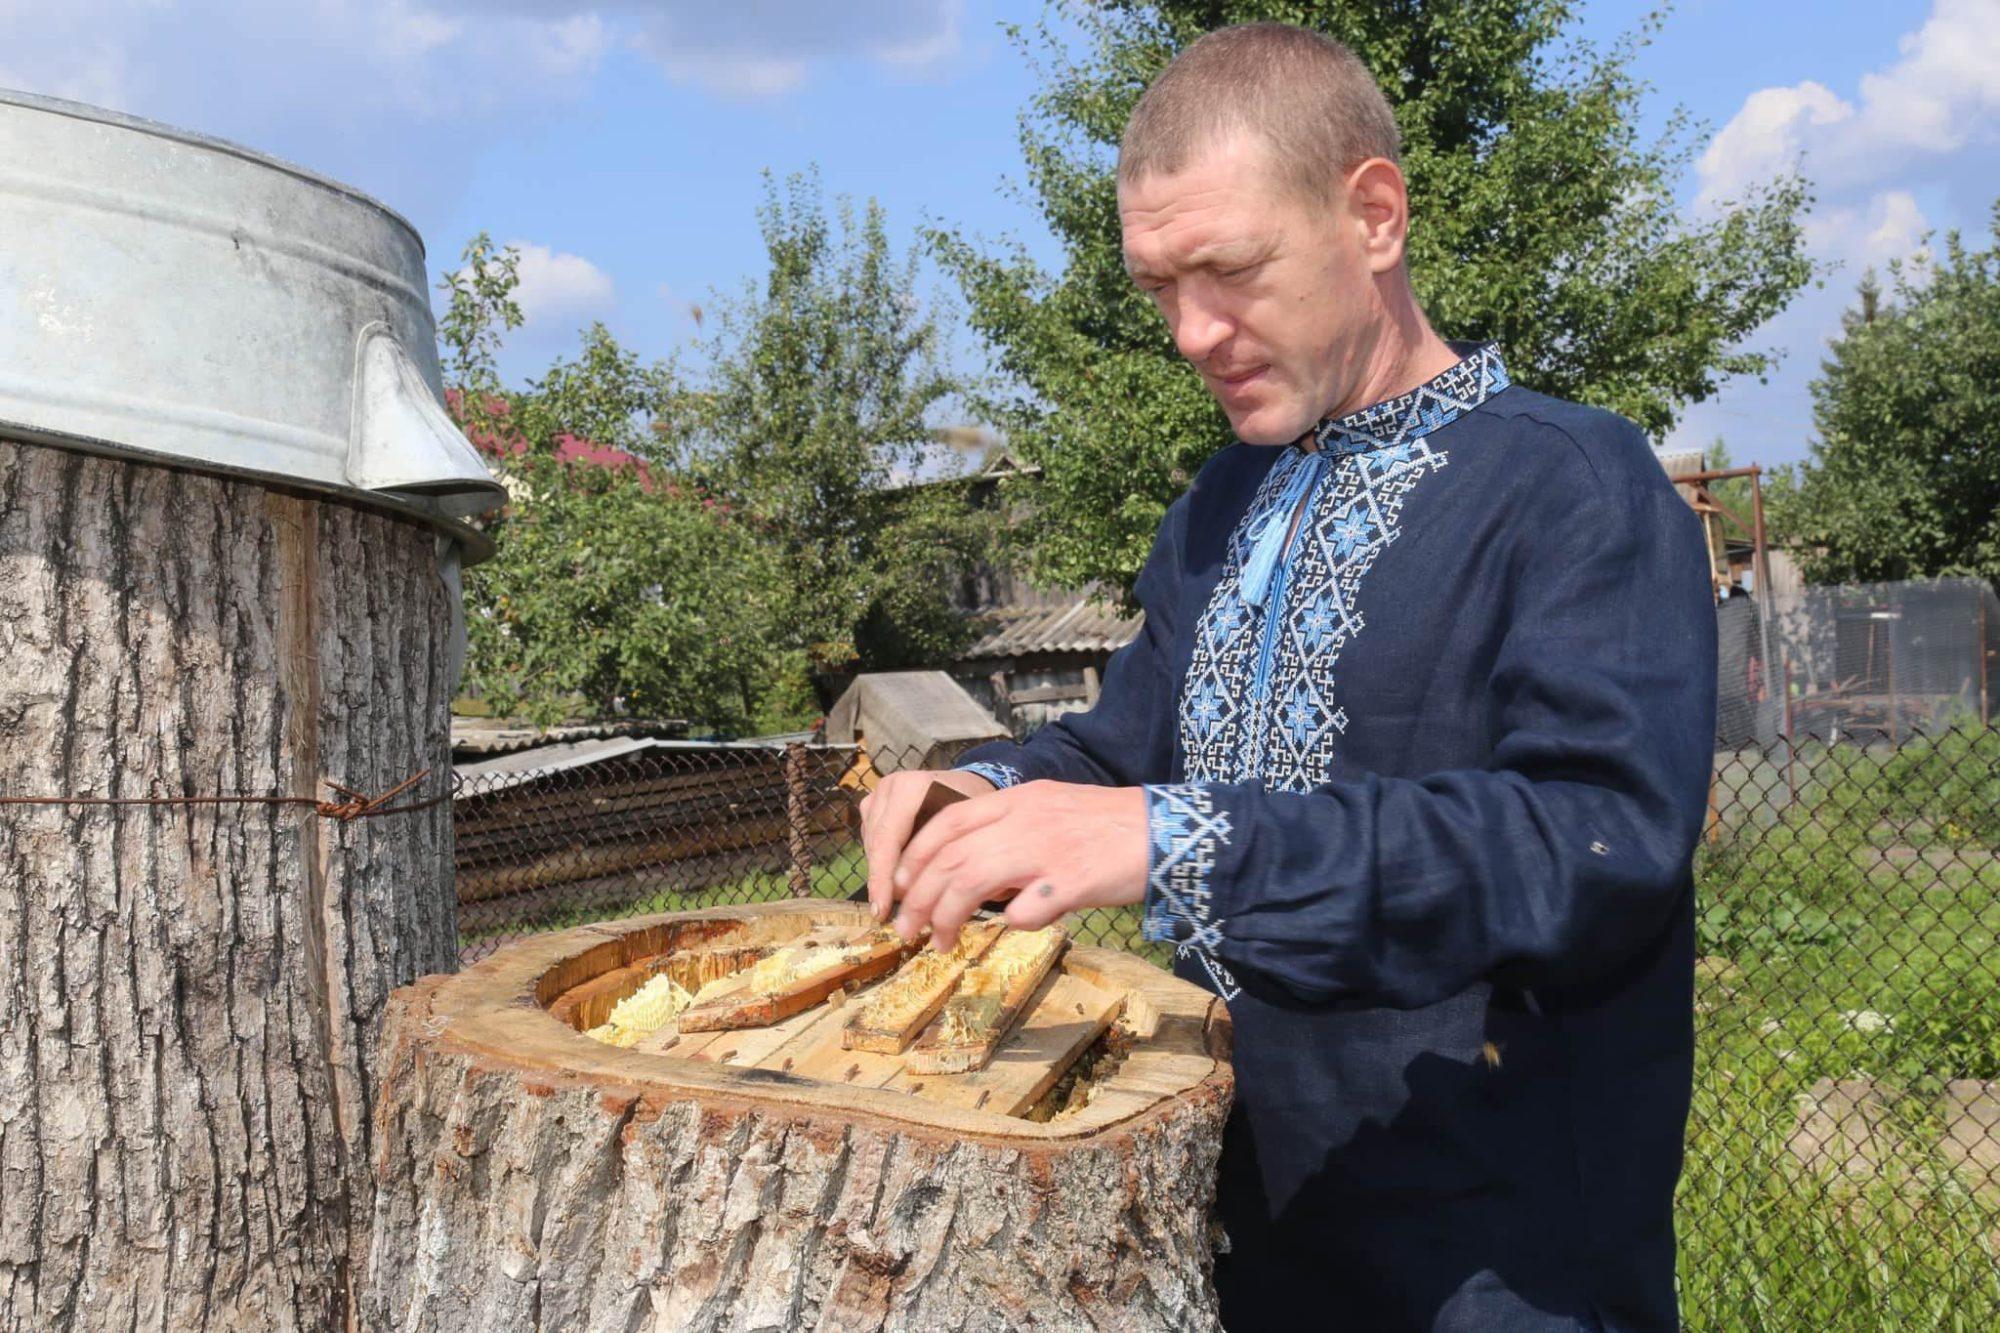 Віртуальний музей бортництва запрошує до експозиції - Проєкт, ВІКЗ, Вишгород - Ivankiv Glushhenko 2000x1333